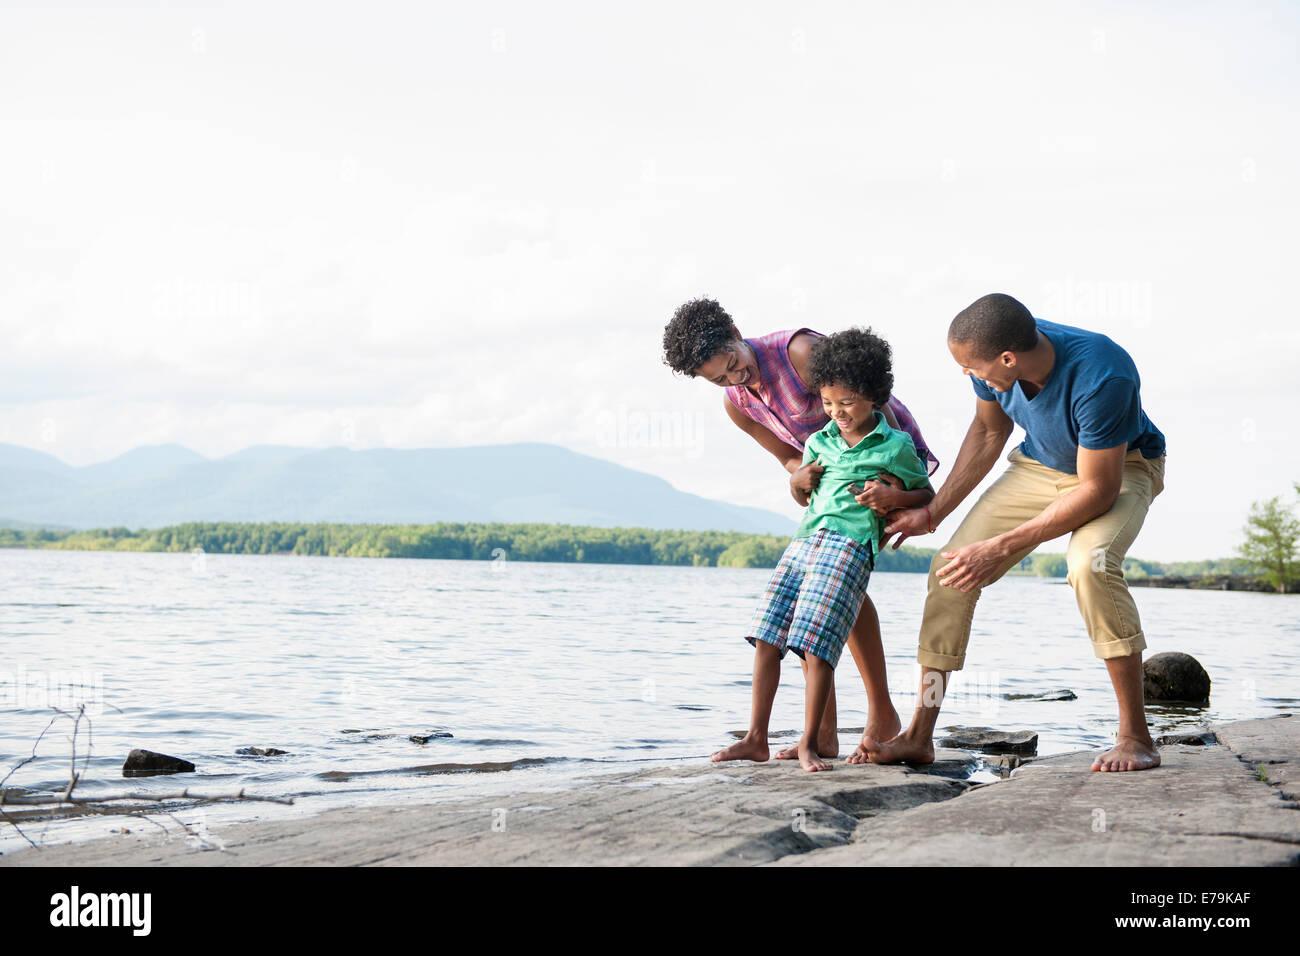 Una familia, madre, padre e hijo, tocando en las orillas de un lago. Imagen De Stock